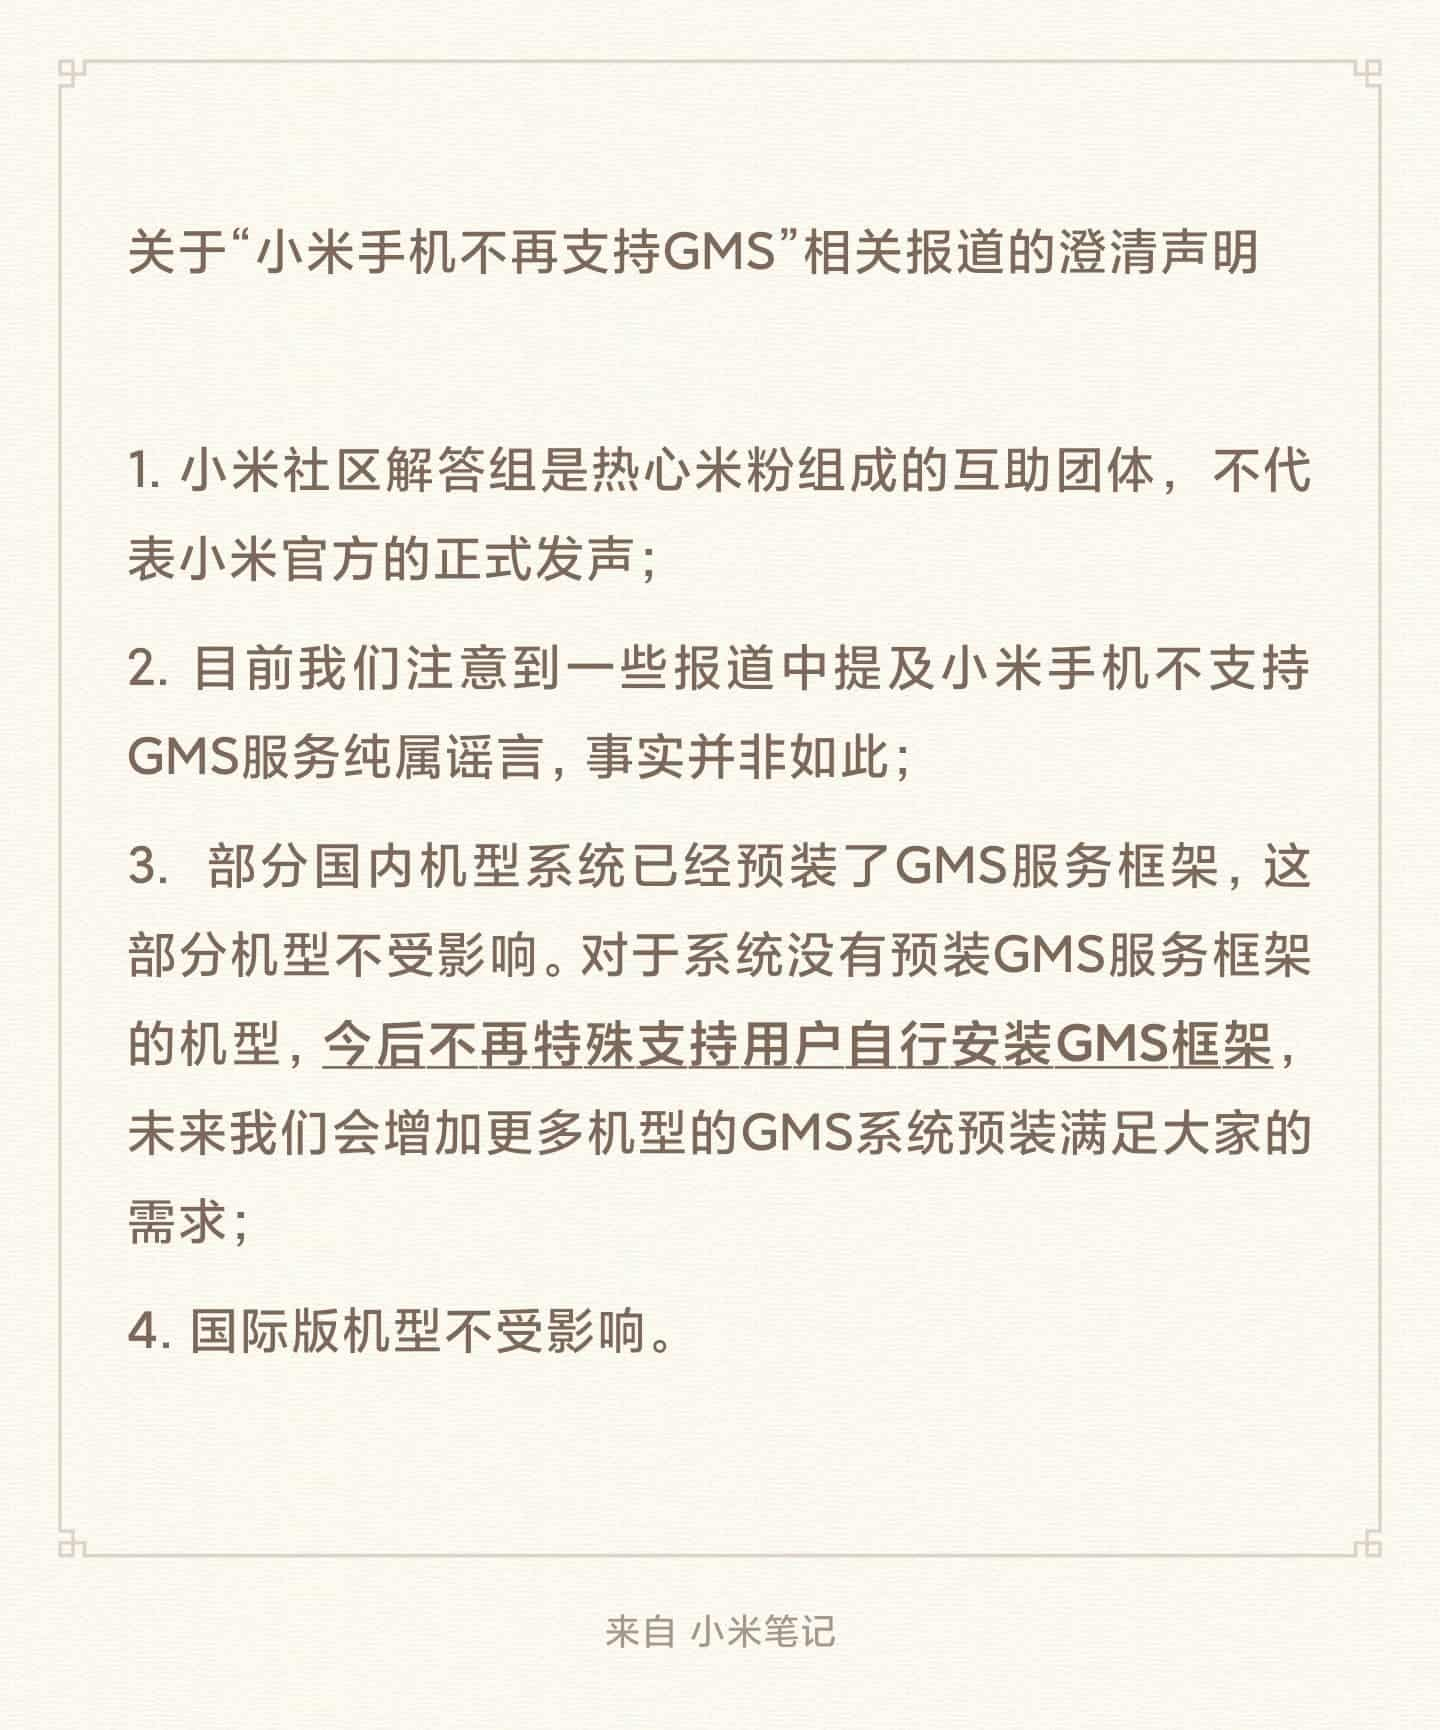 vyjadrenie xiaomi_ku GSM sluzbam